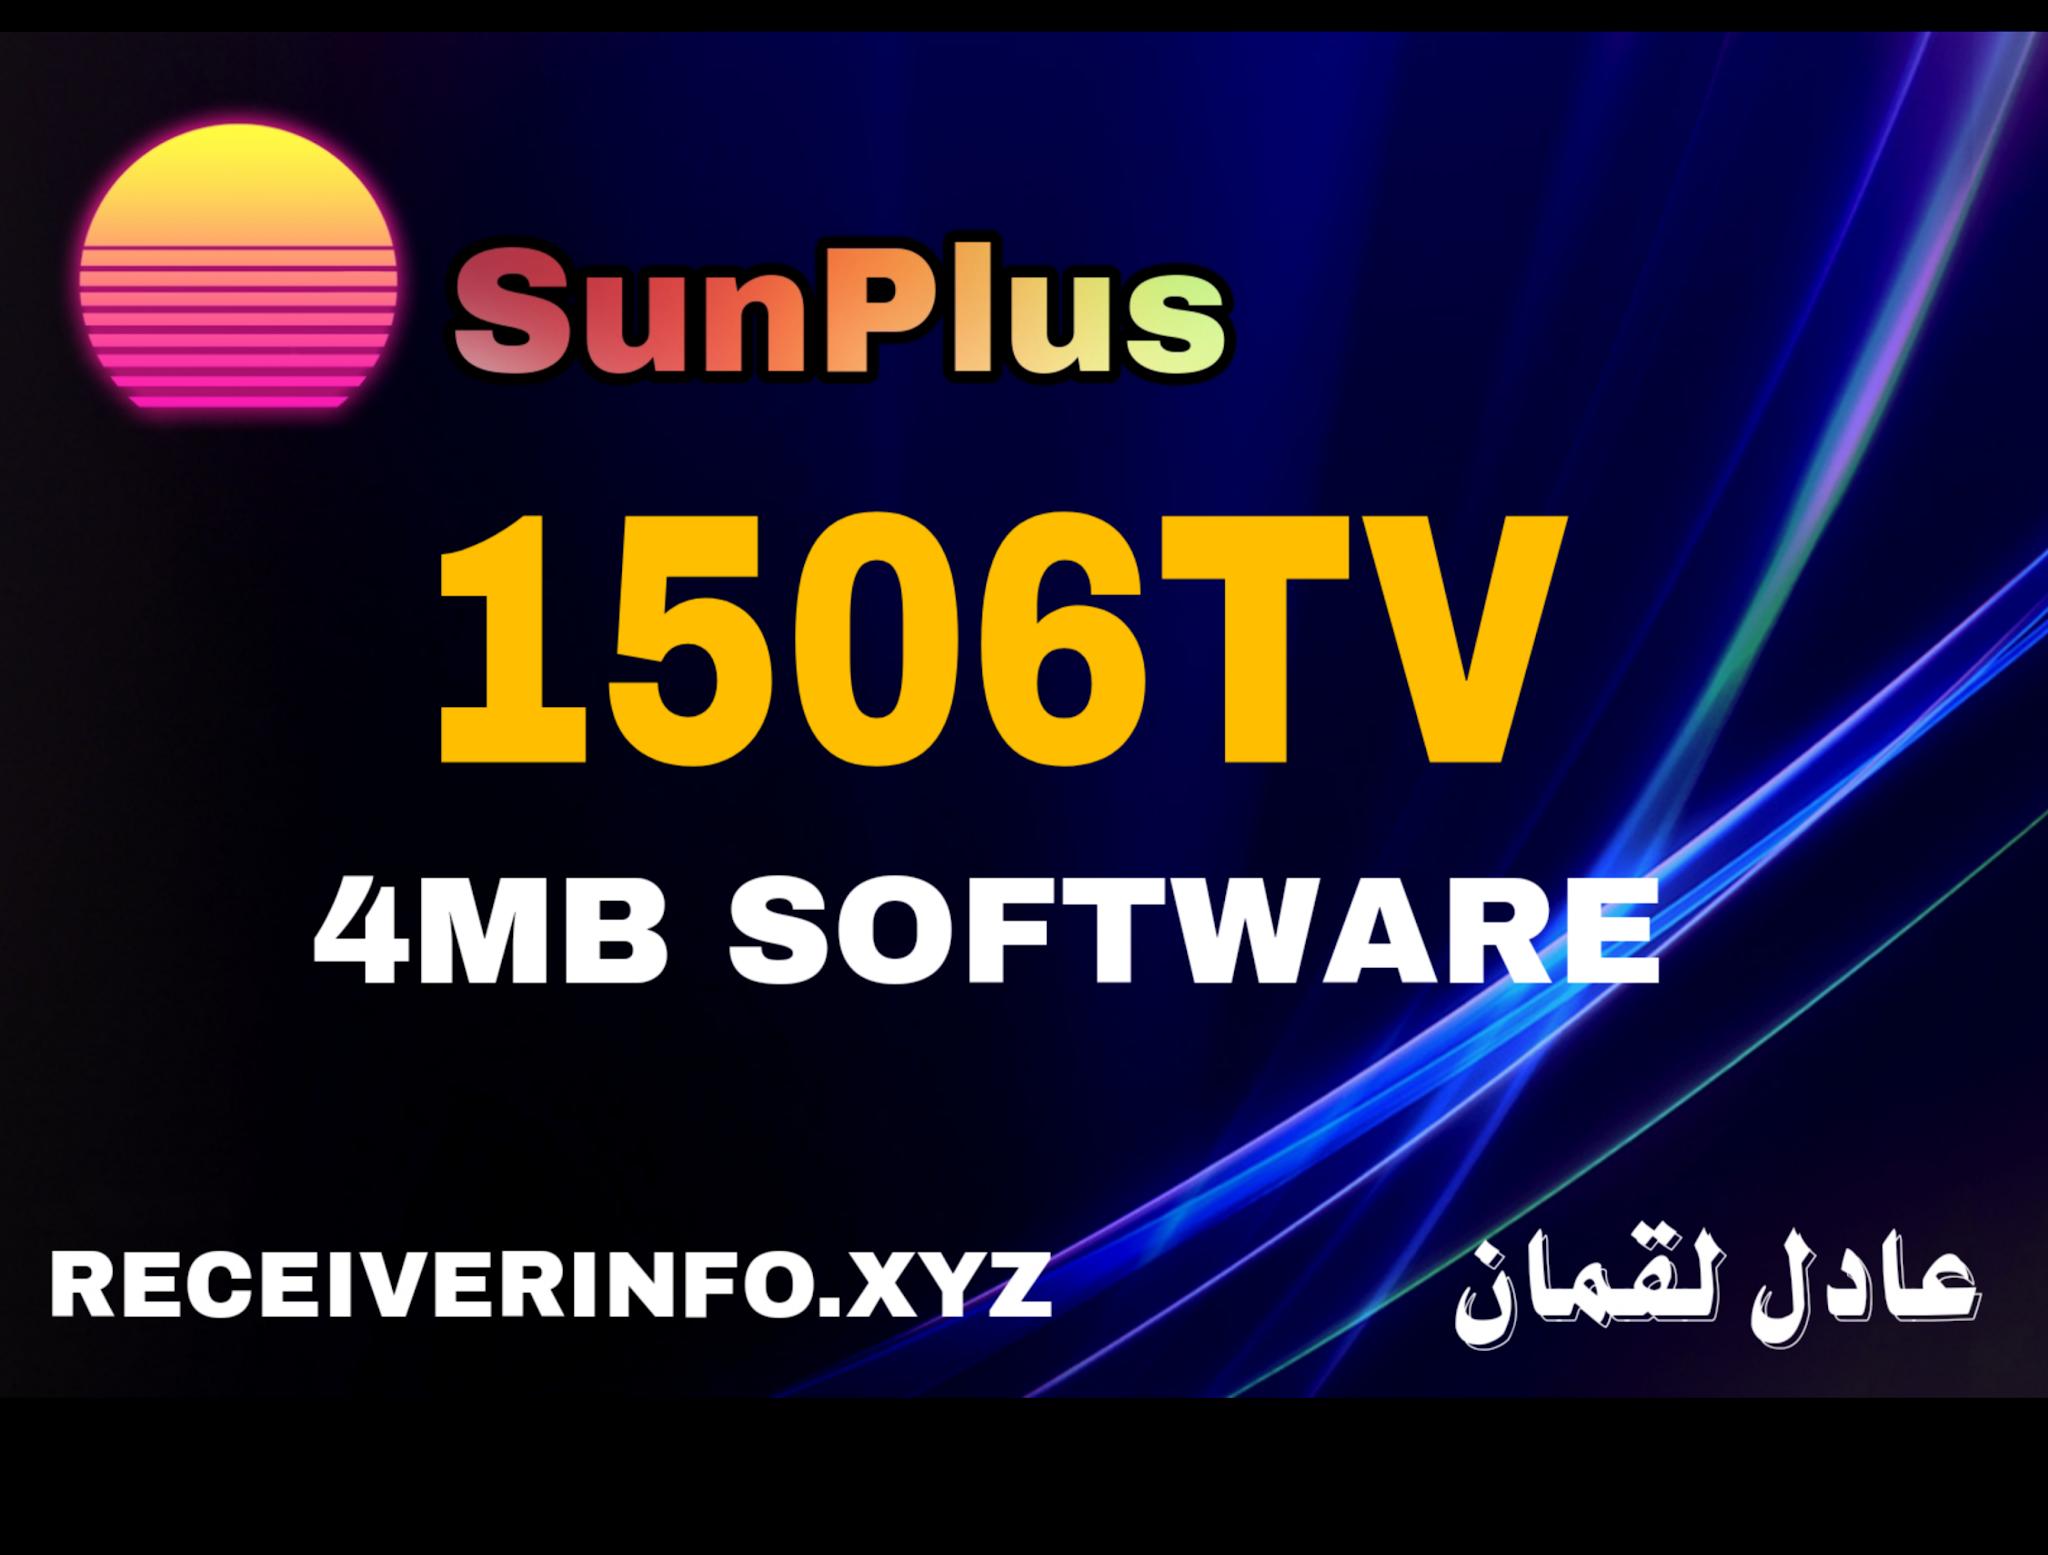 1506TvNew Software 2021 Download Sunplus 1506Tv All Model Software List